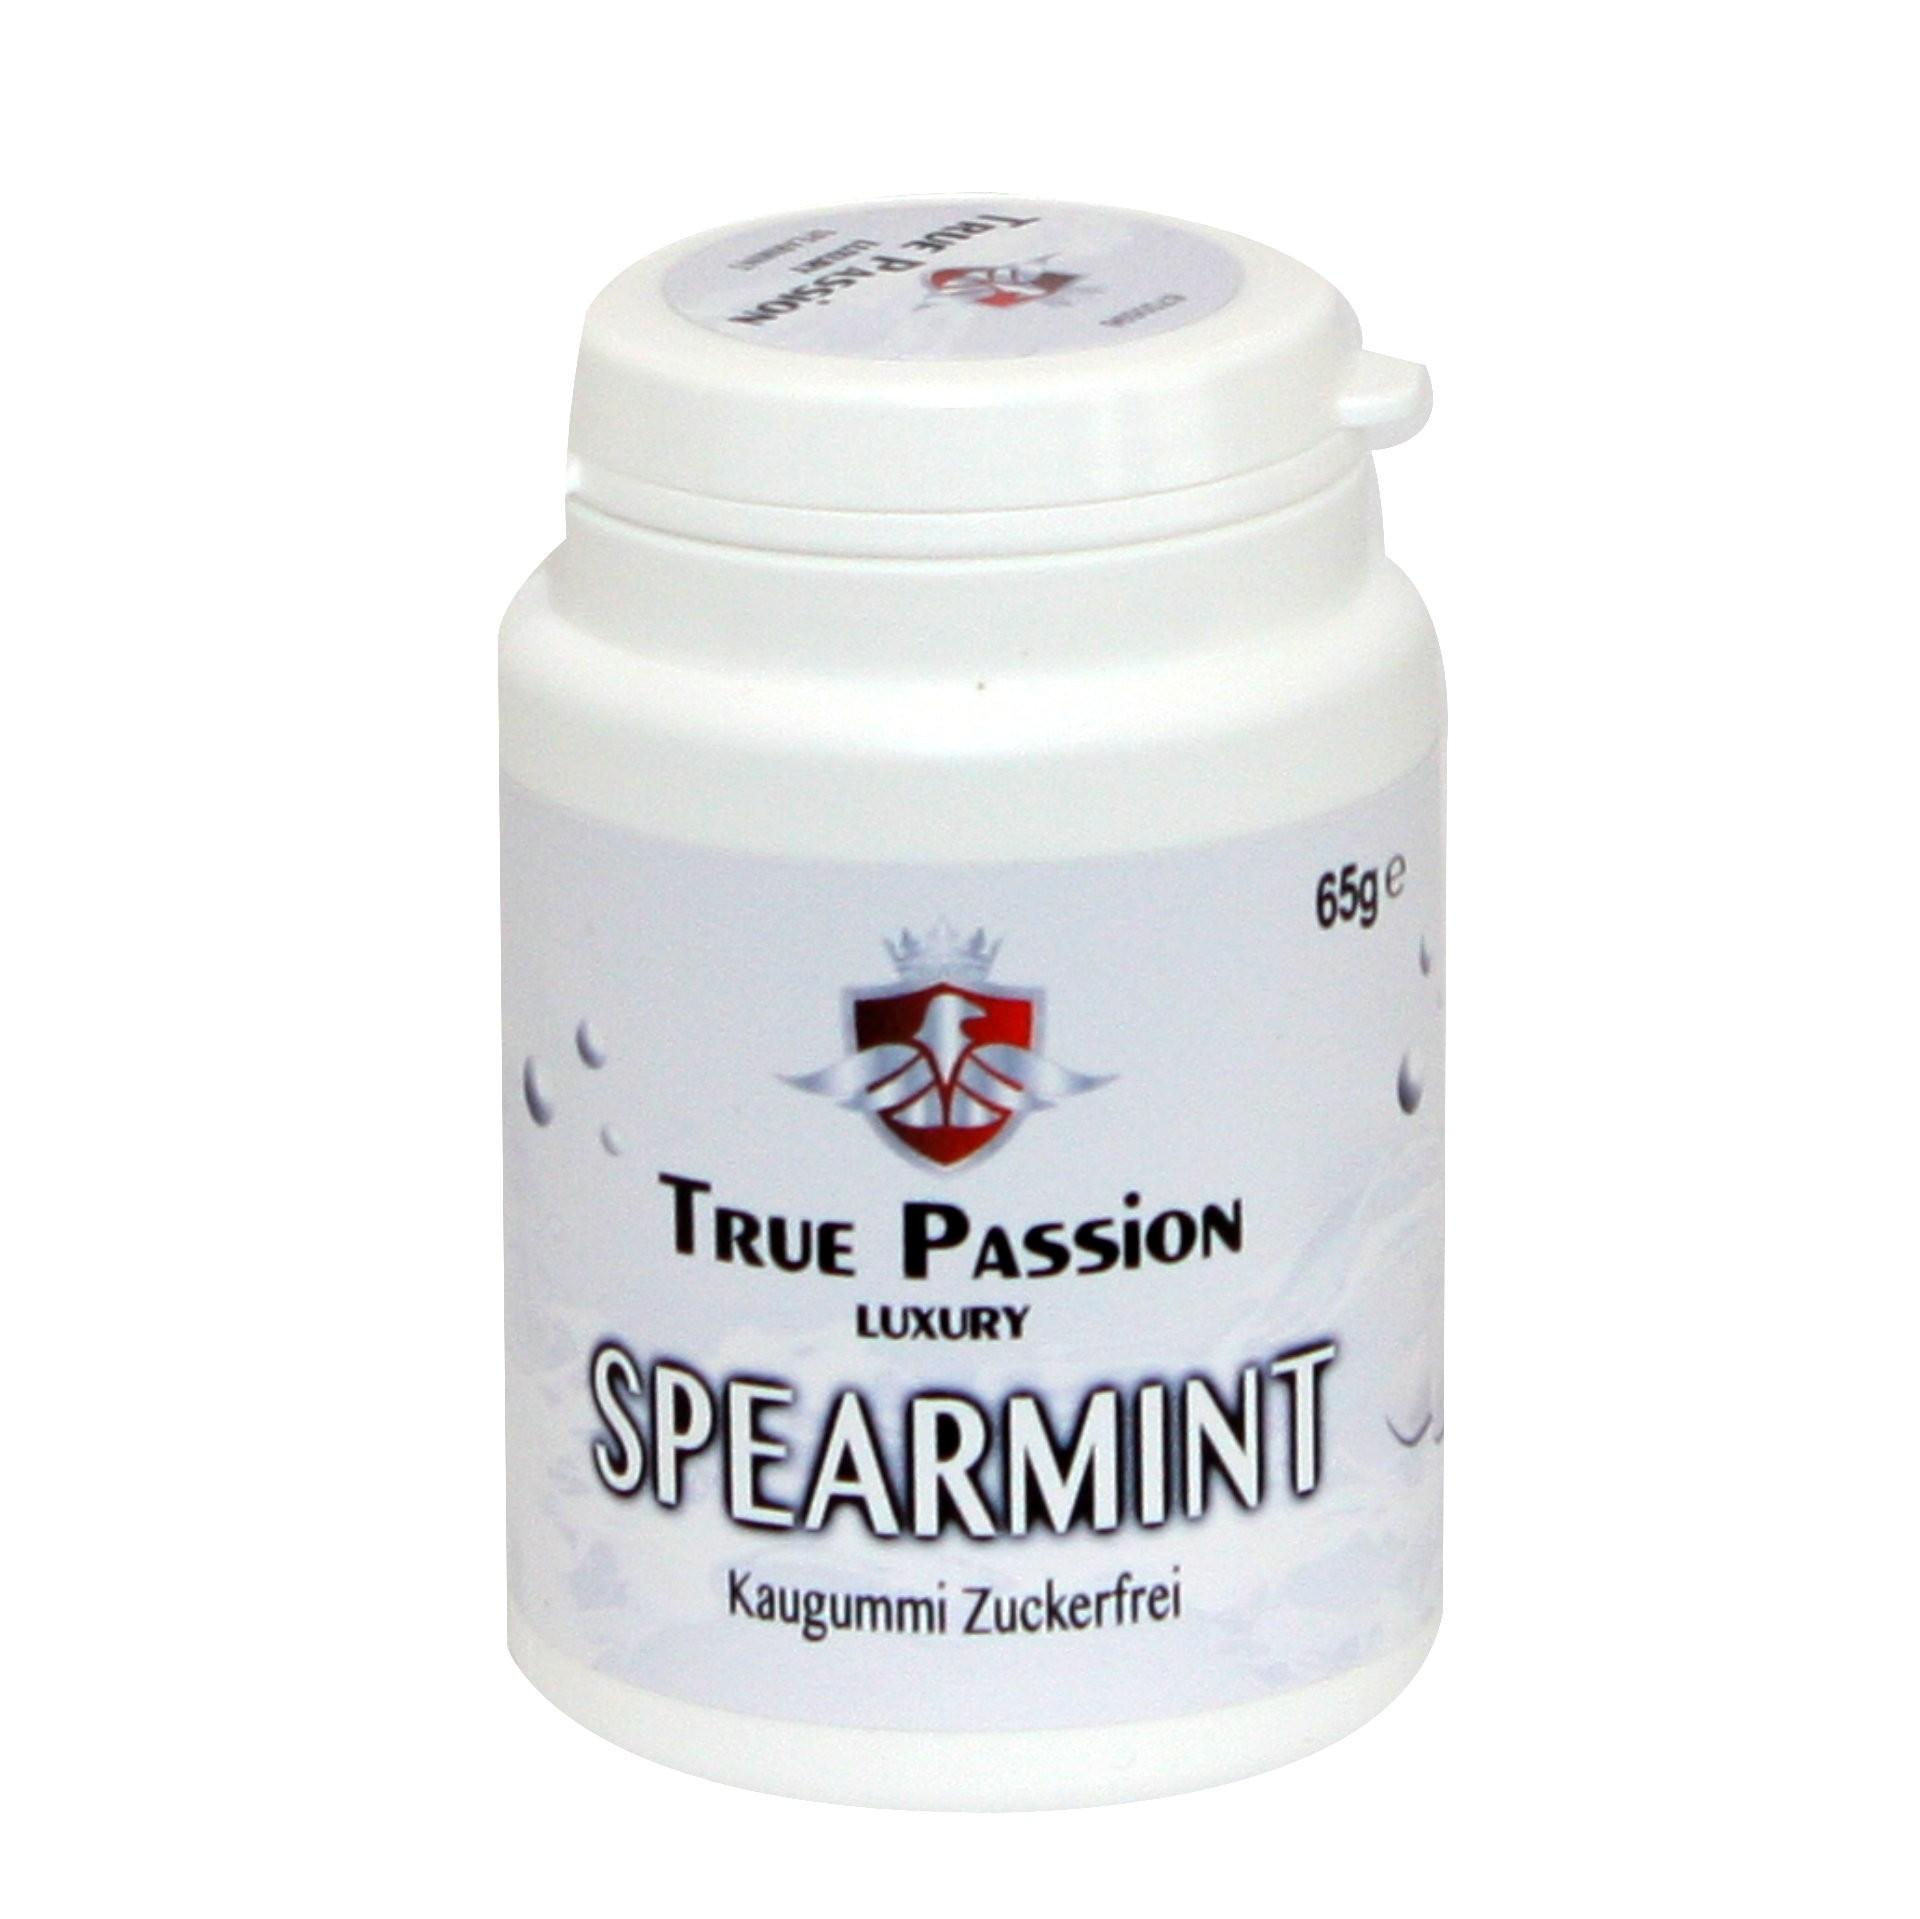 Kaugummi Spearmint